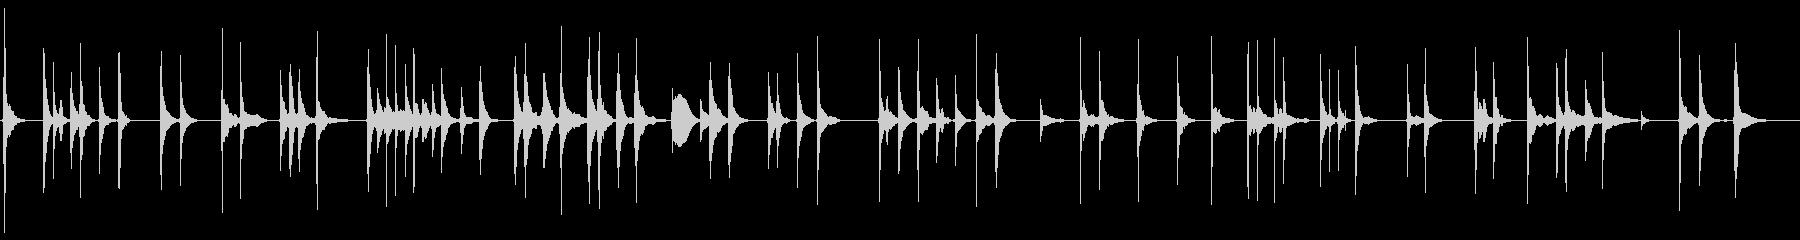 侘びしい三味線爪弾きソロの未再生の波形